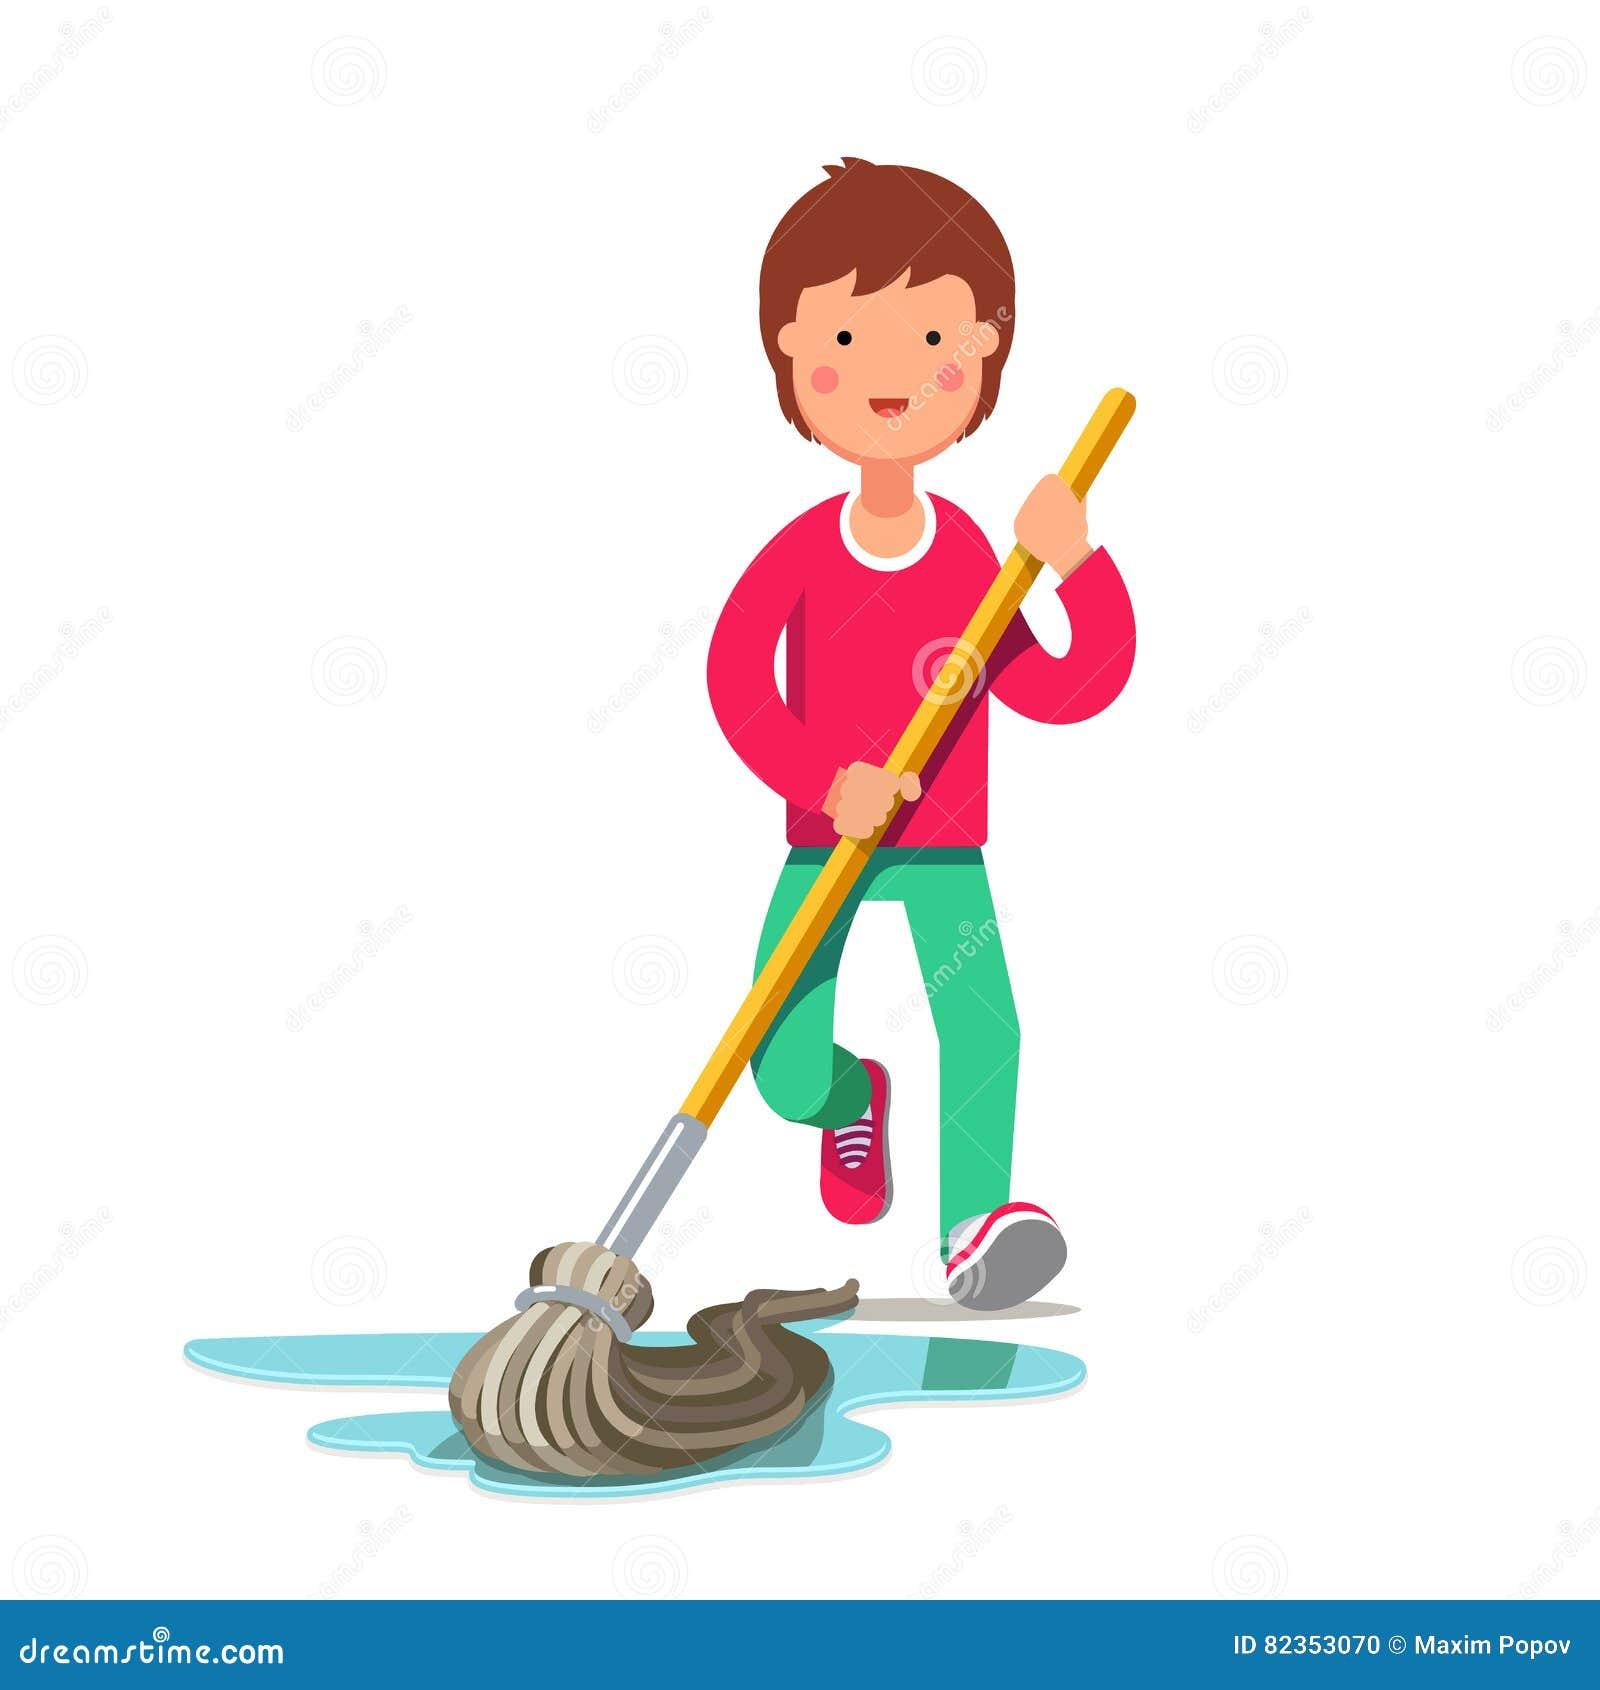 Bathroom Floor Plans Free Kid Cleaning Floor With Dust Mop Wet Broom Stock Vector